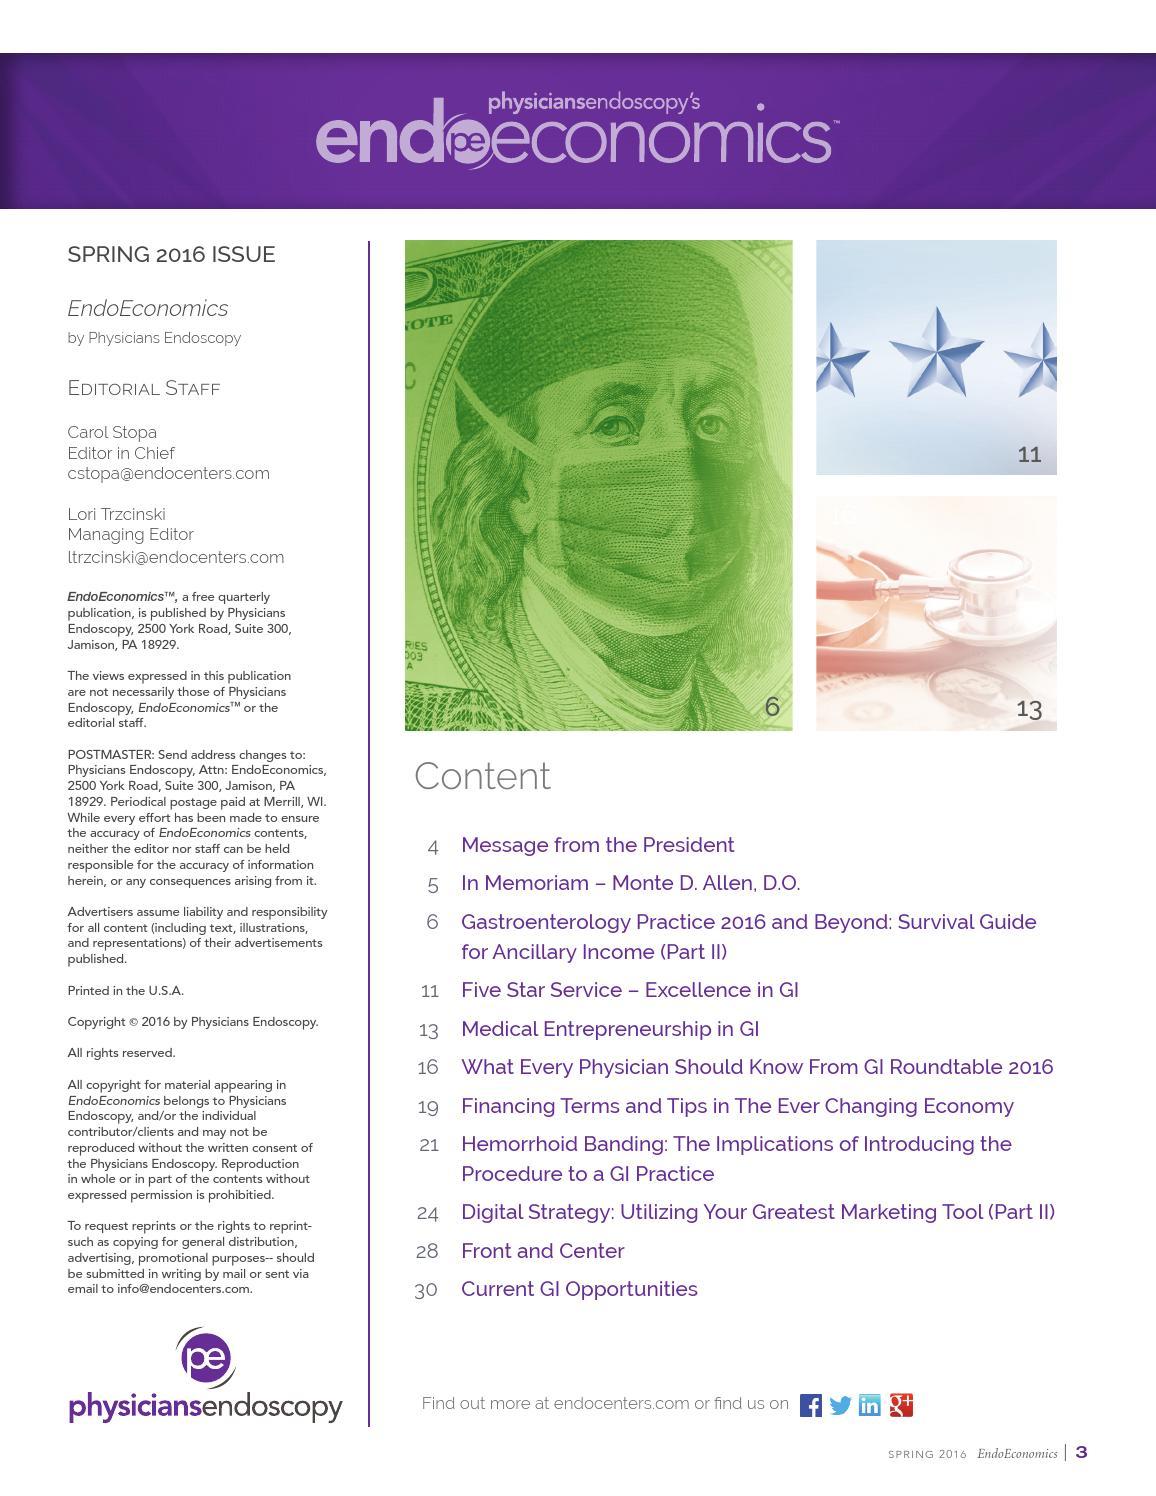 Endoscopy Suite: EndoEconomics Spring 2016 By Physicians Endoscopy, LLC